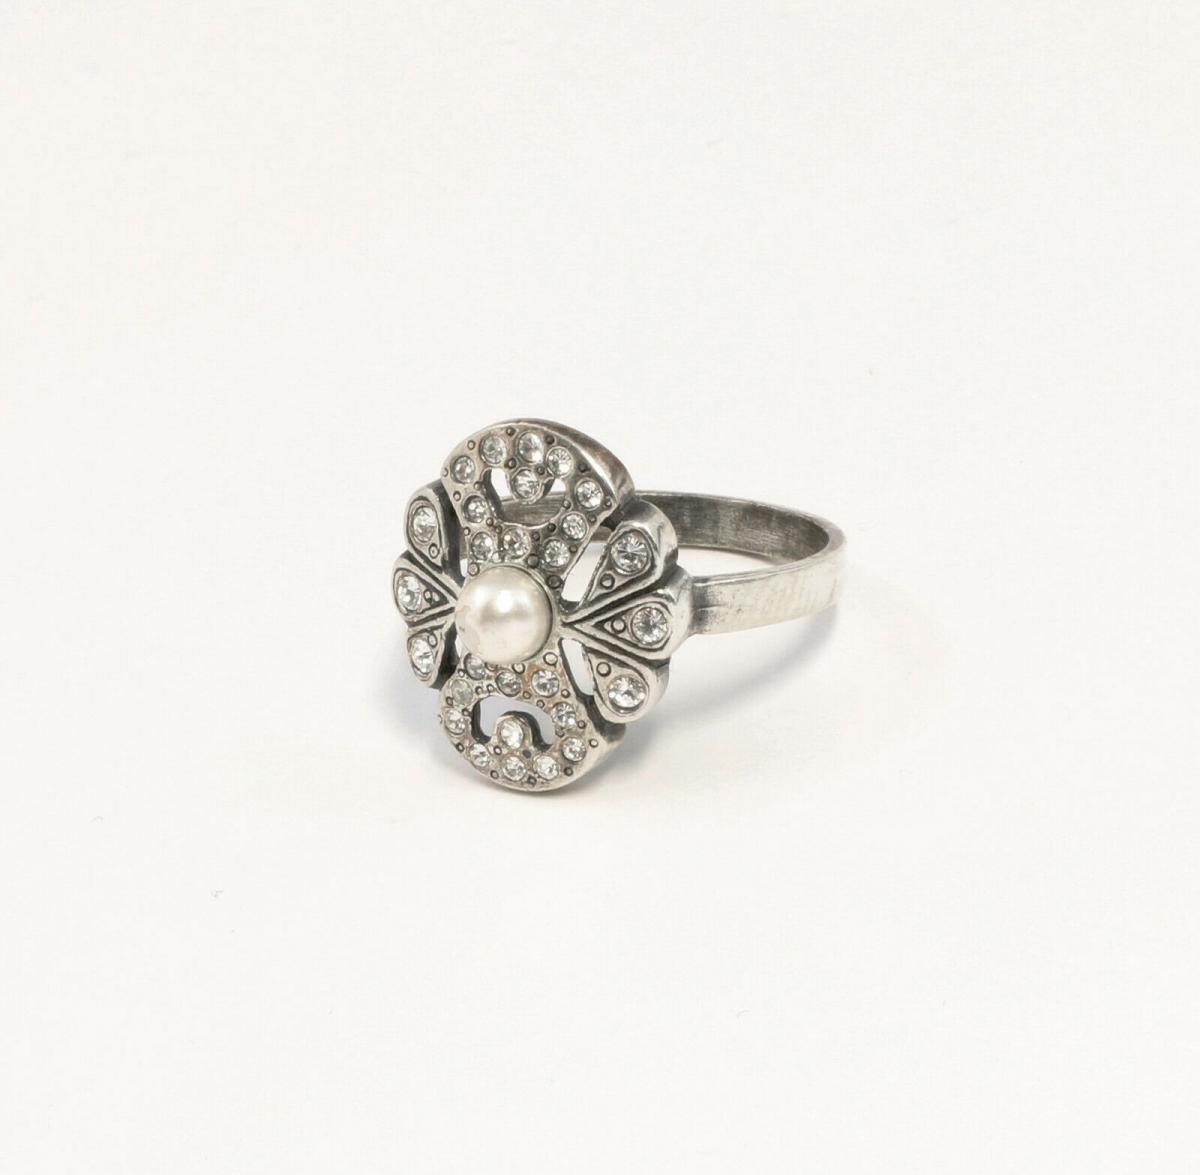 9901366 925er Silber Ring mit Swarovski-Steinen u.Zuchtperle Gr. 53